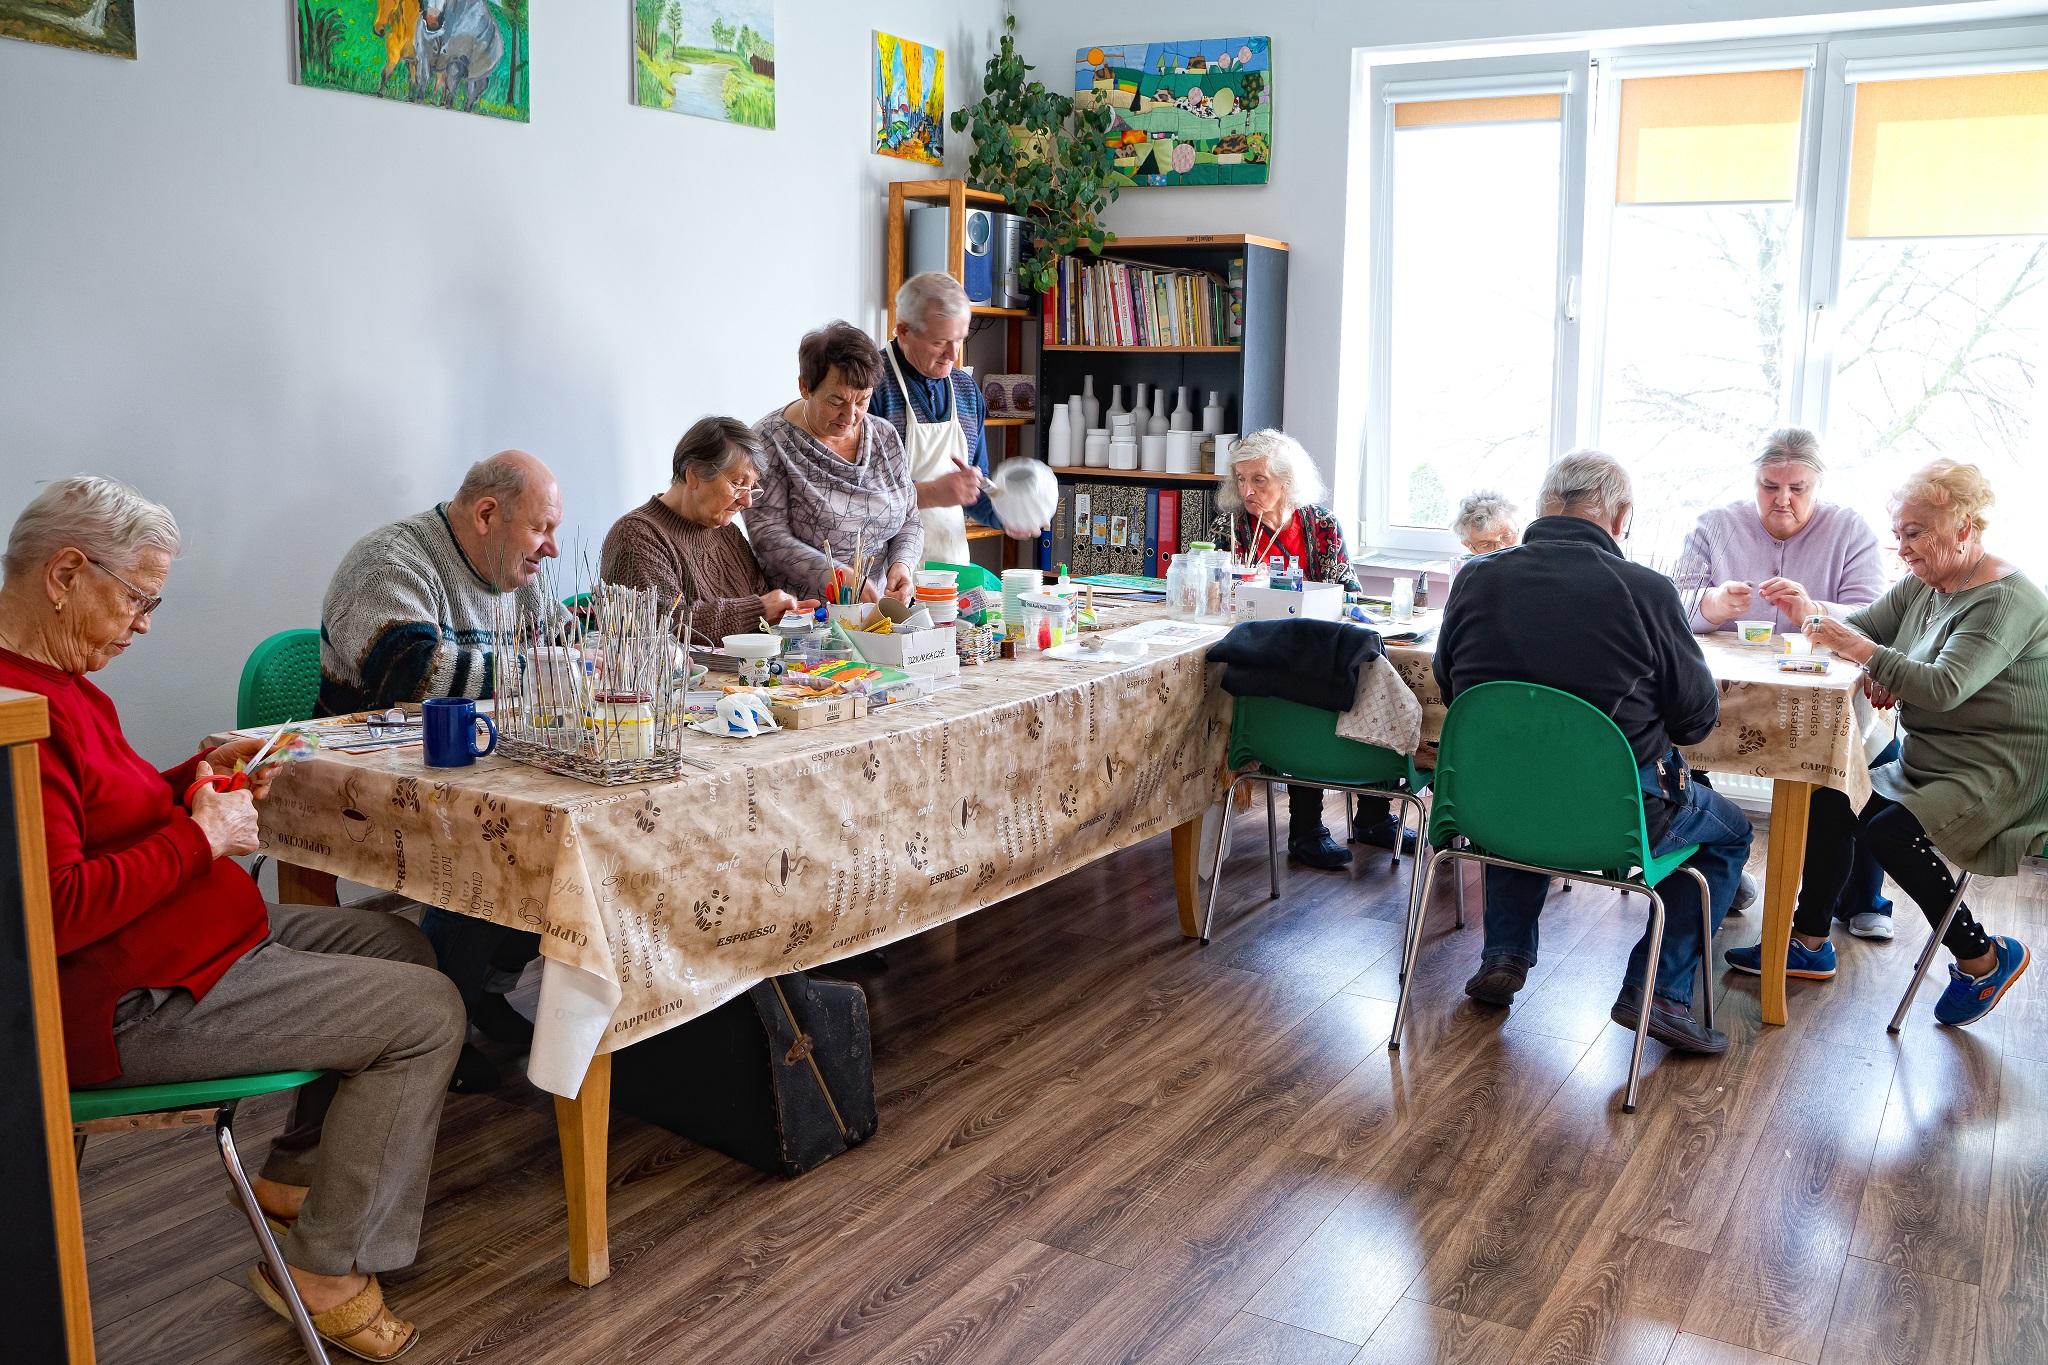 Na zdjęciu widać seniorów przy stole w kształcie litery L wykonujących ozdoby.